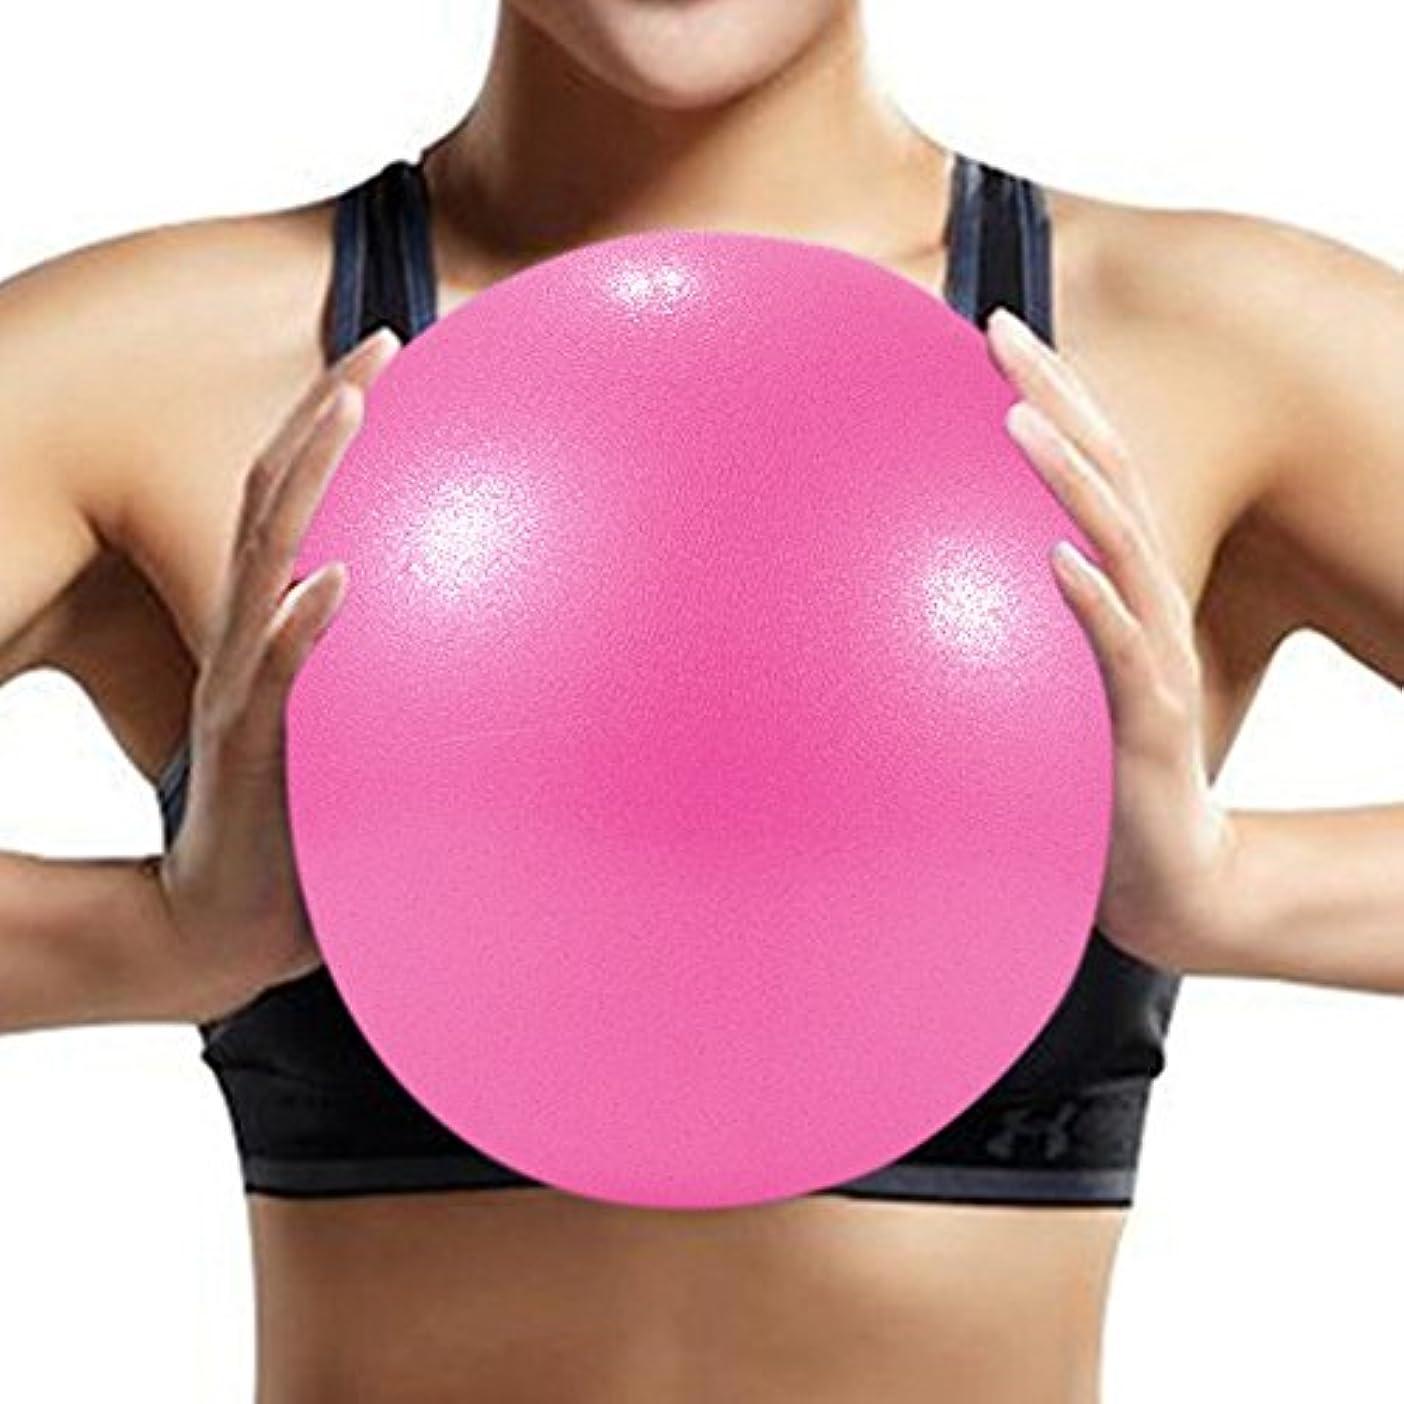 入射気怠い人柄Refaxi ピンクヨガマッサージボール25cmエクササイズピラティスバランス体操練習フィットネスボール